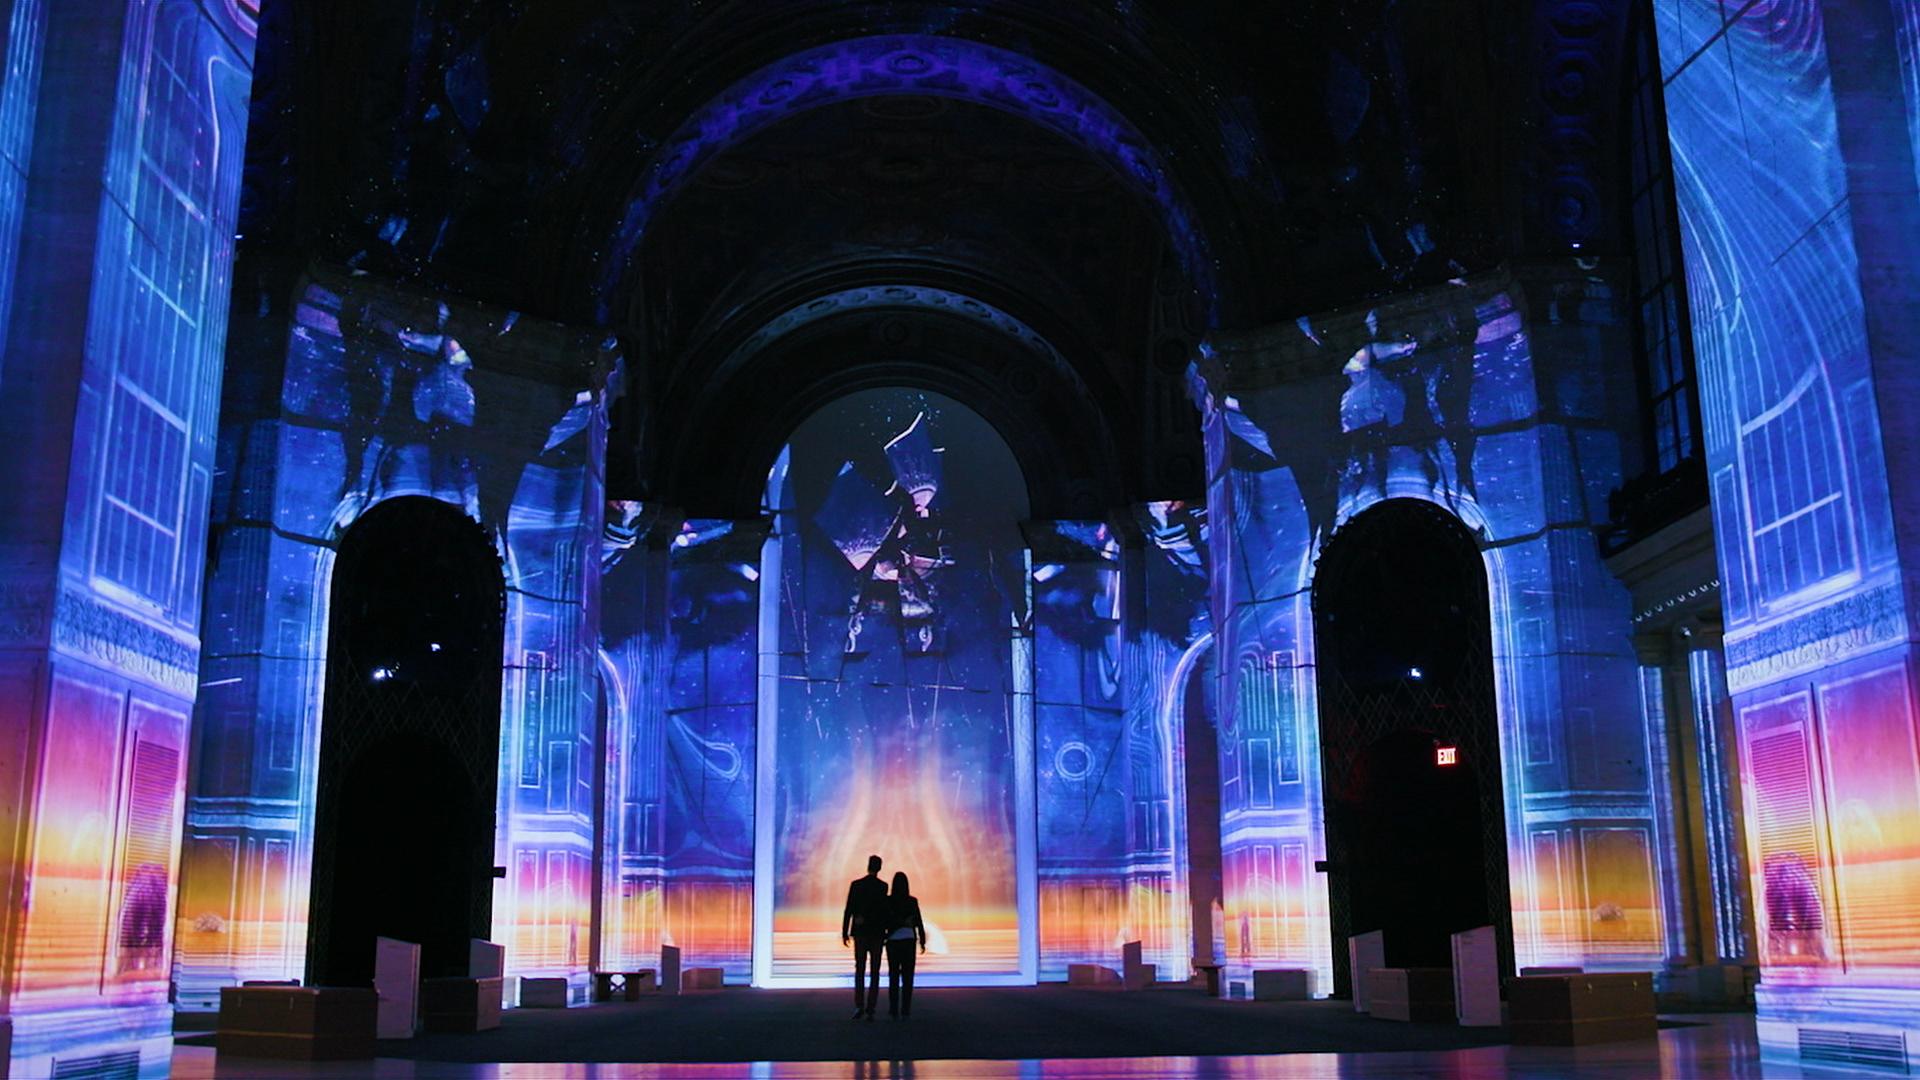 Mirò, l'arte immersiva, Pinuccio Sciola, la Torre Eiffel: cultura in streaming su Nexo+